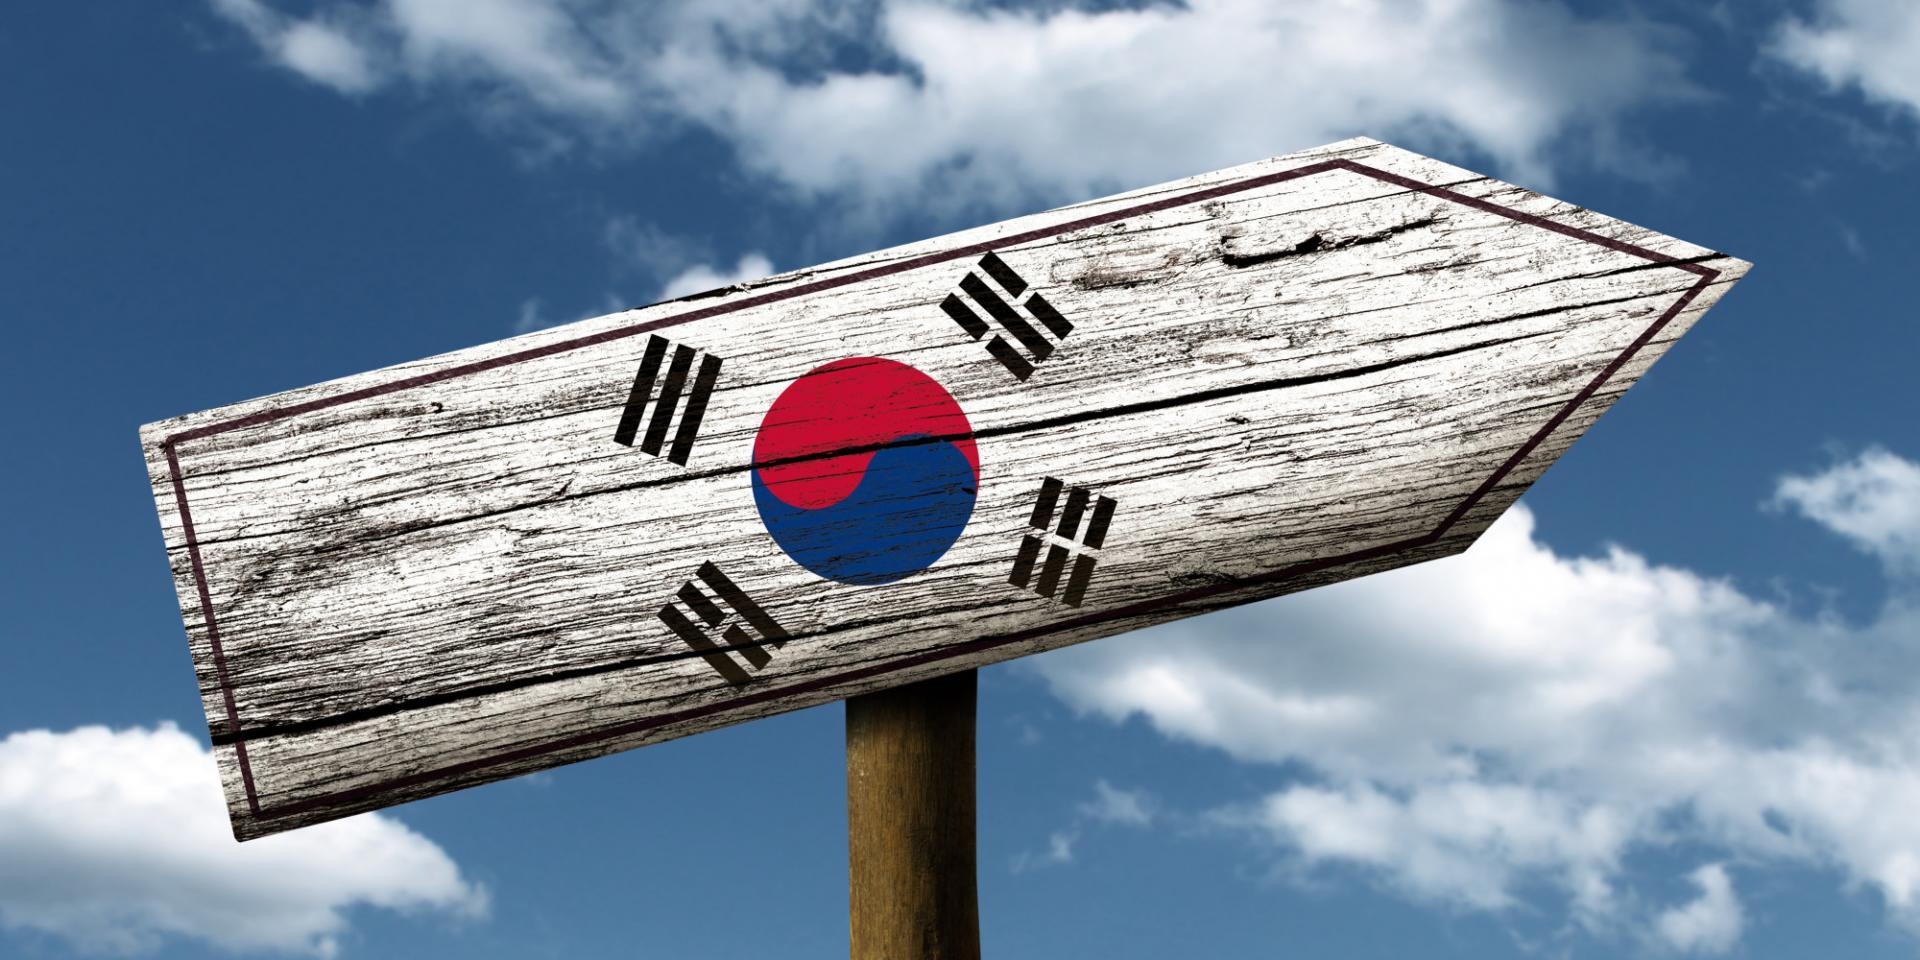 Работа в Южной Корее для иммигрантов из Европы и стран СНГ